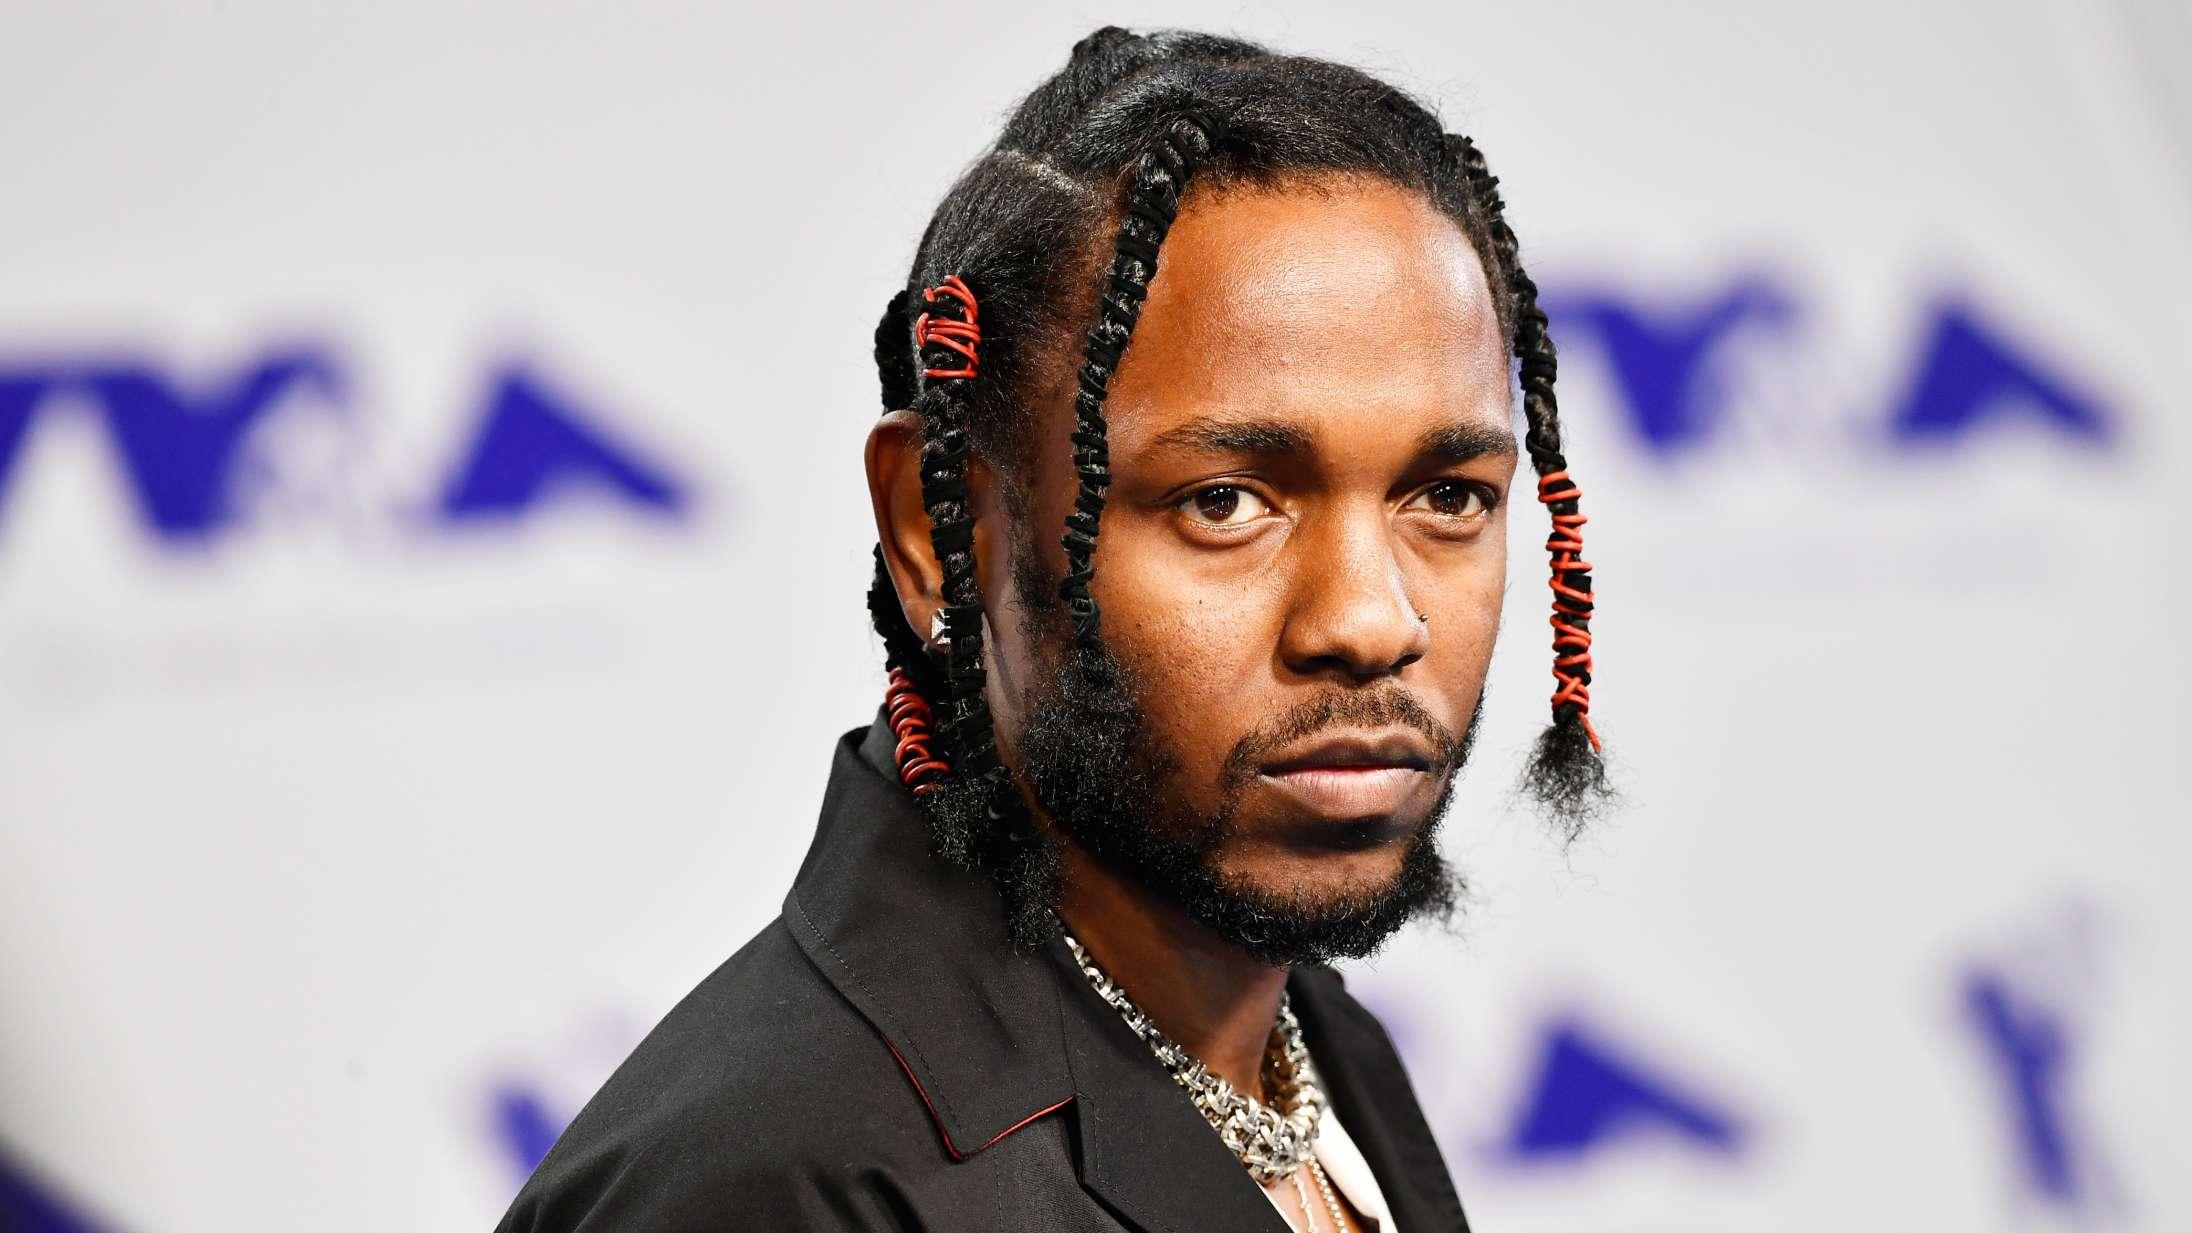 Hiphopscenen har brug for en spand iskoldt vand i ansigtet